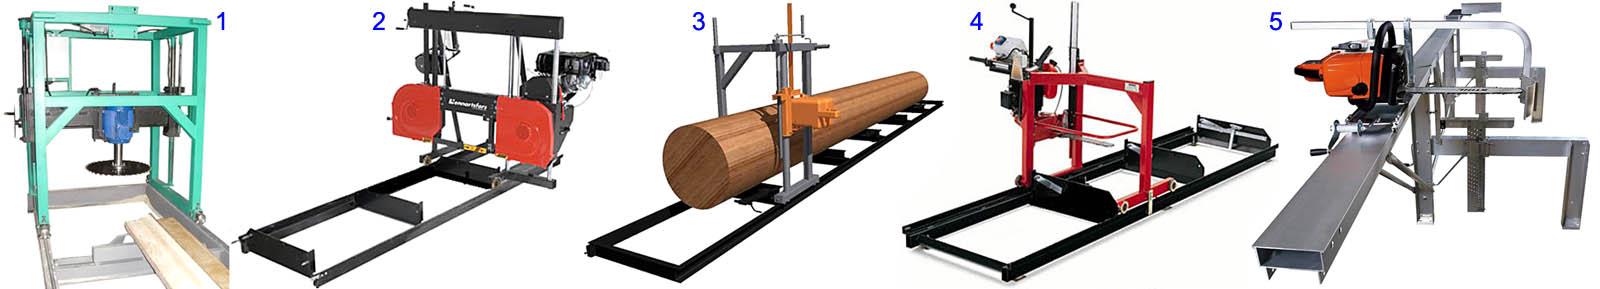 Виды конструкций пилорам небольшой и средней производительности